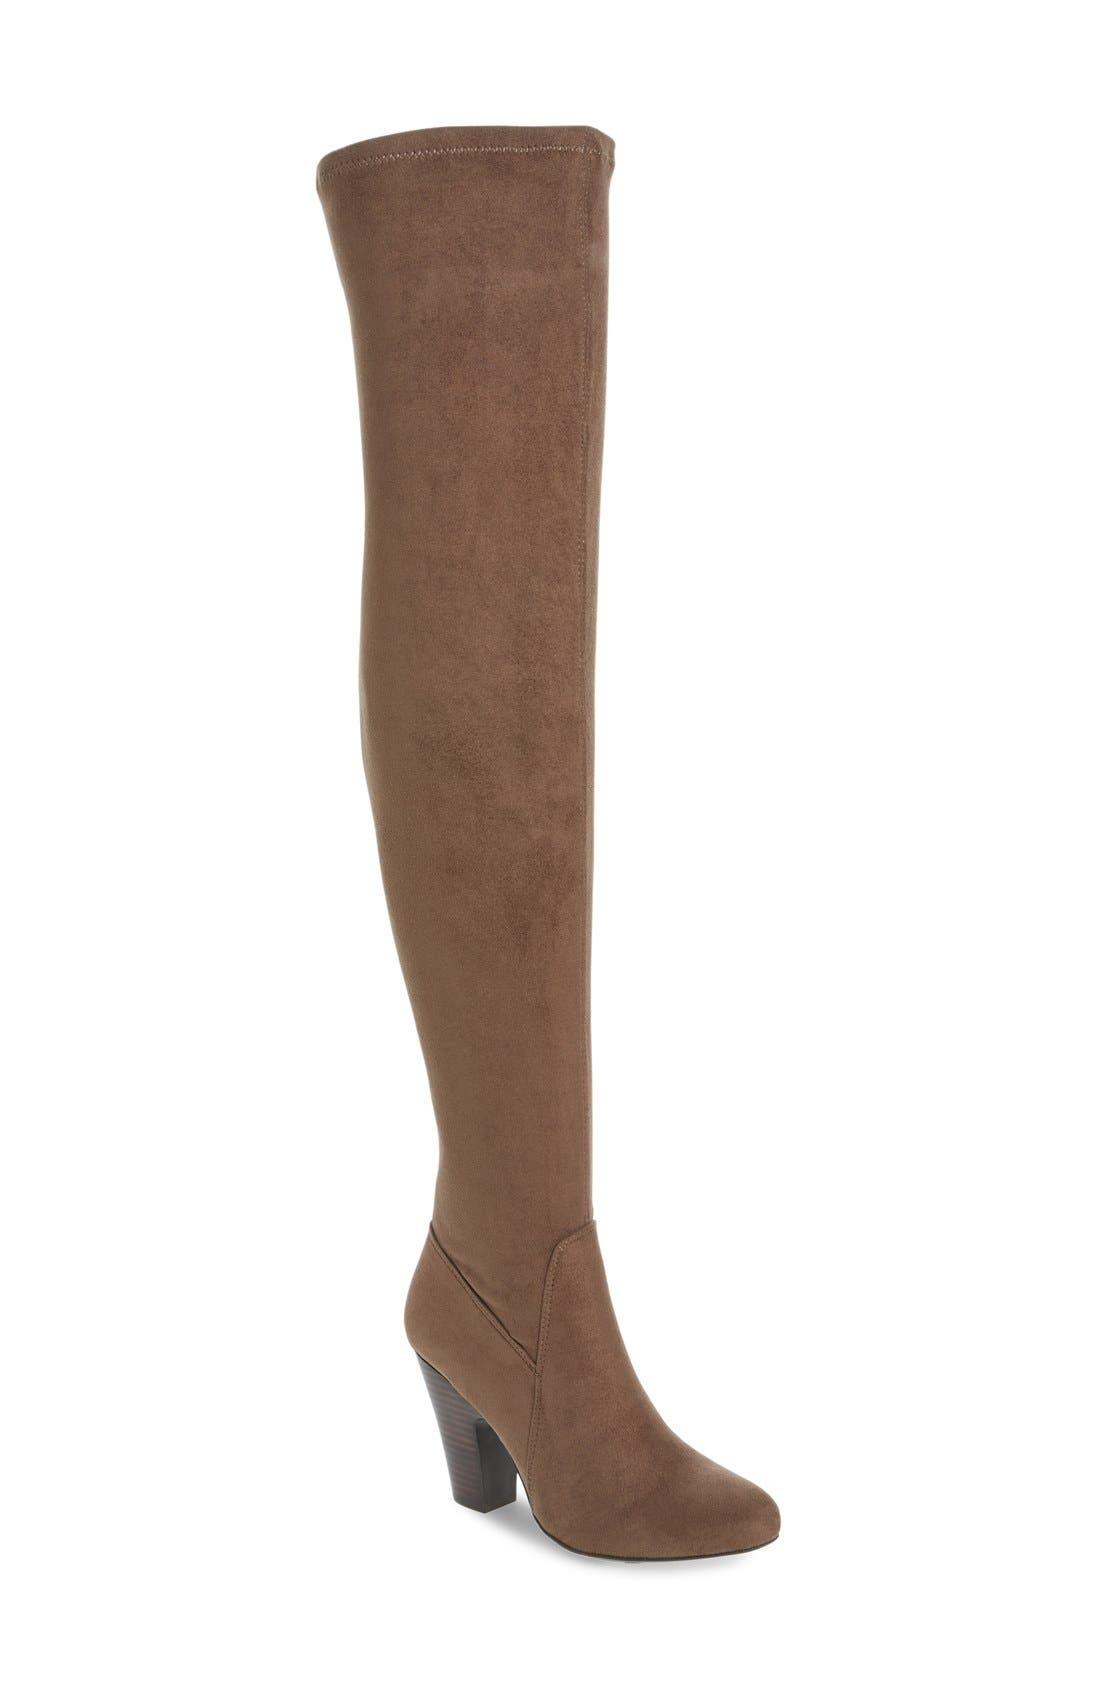 Main Image - MIA Emelia Thigh High Boot (Women)